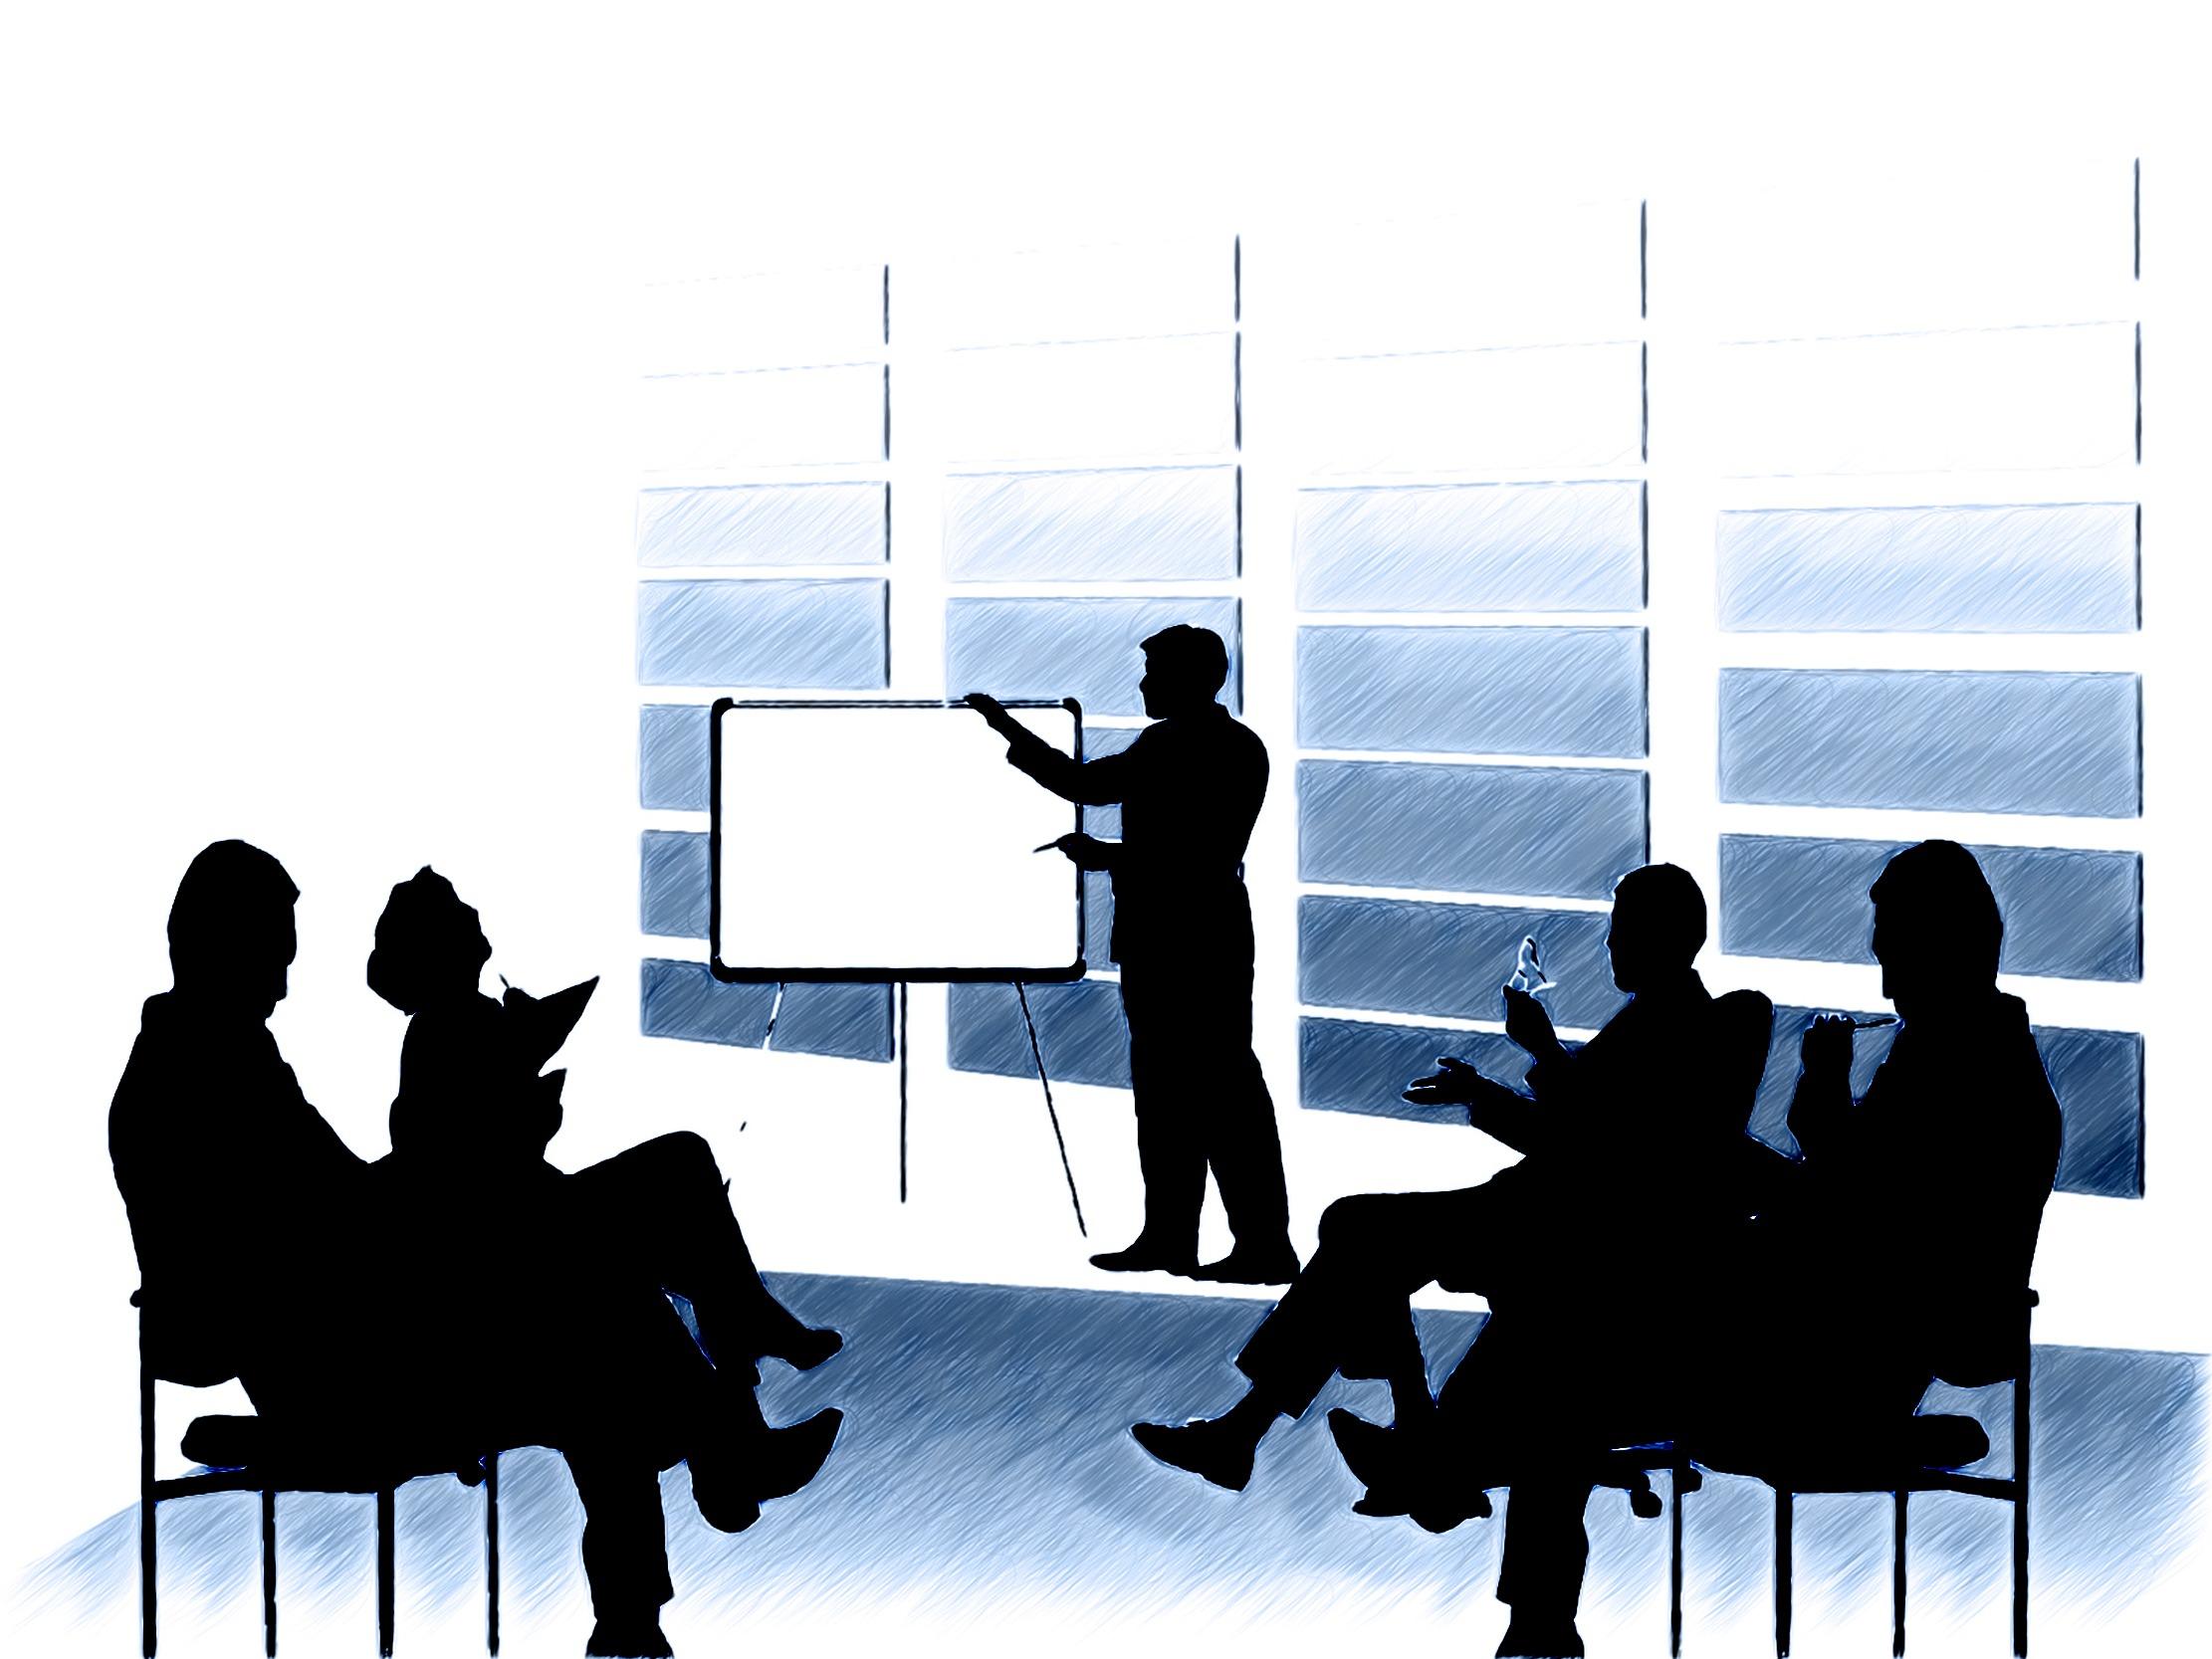 Khái niệm giá trịdoanh nghiệp: Làm thế nào để xây dựng văn hóa doanh nghiệp